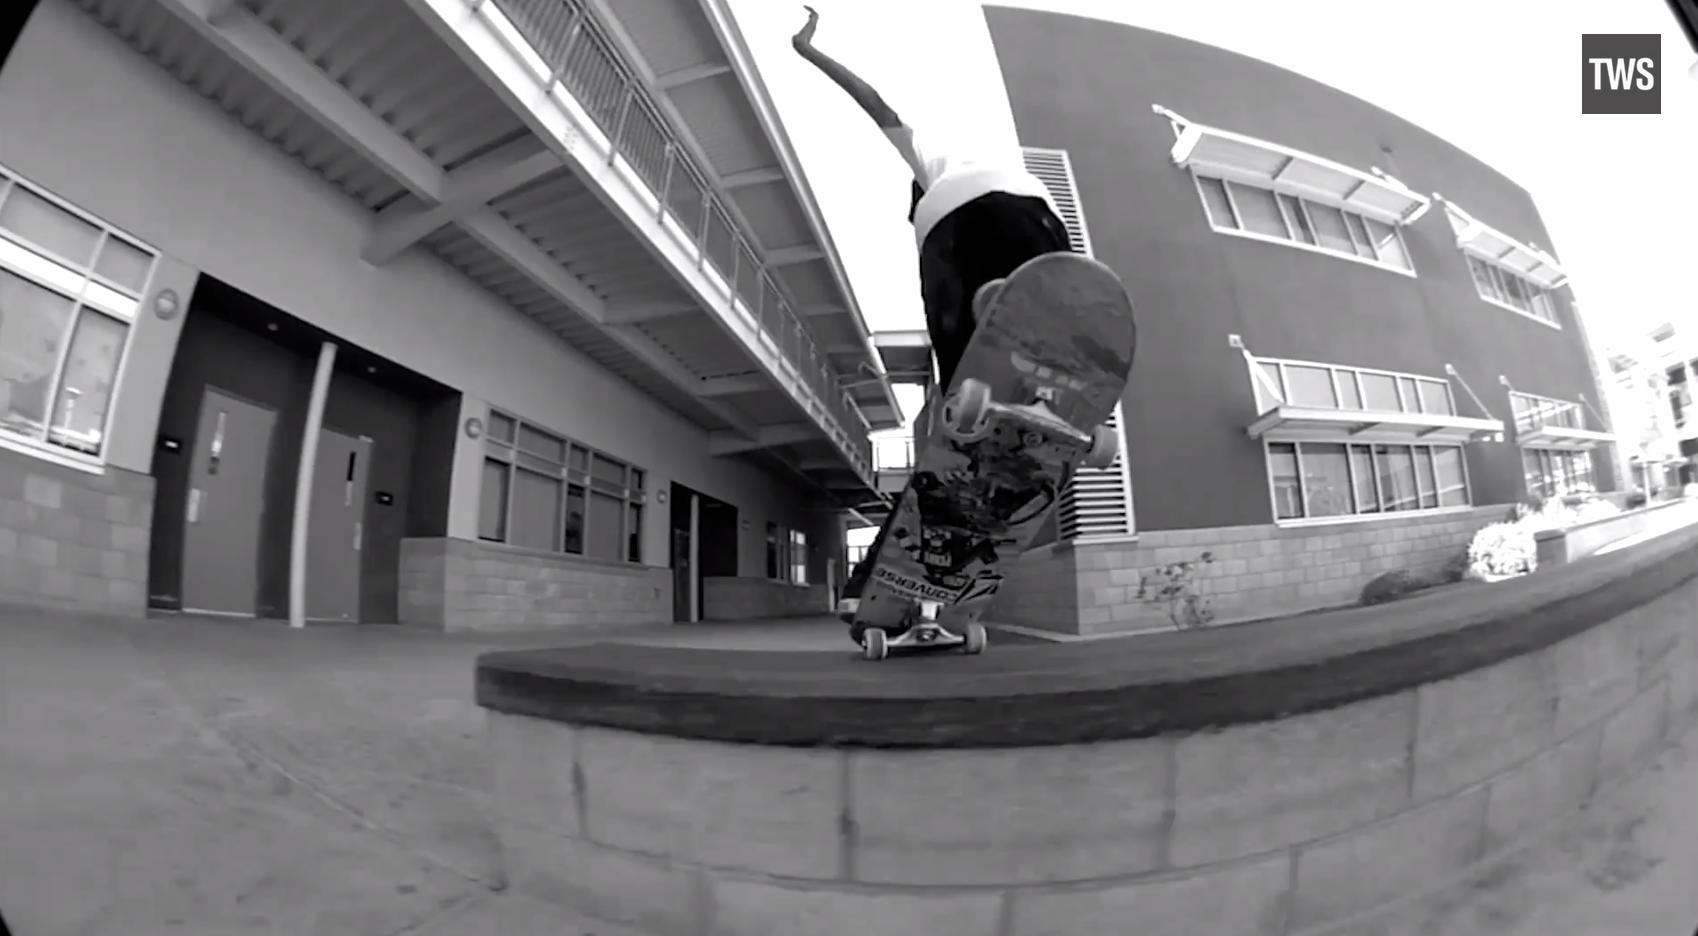 Louie Lopez Flip 3 Raw Skate Pinterest Skateboard Y Flipping Deck Louis